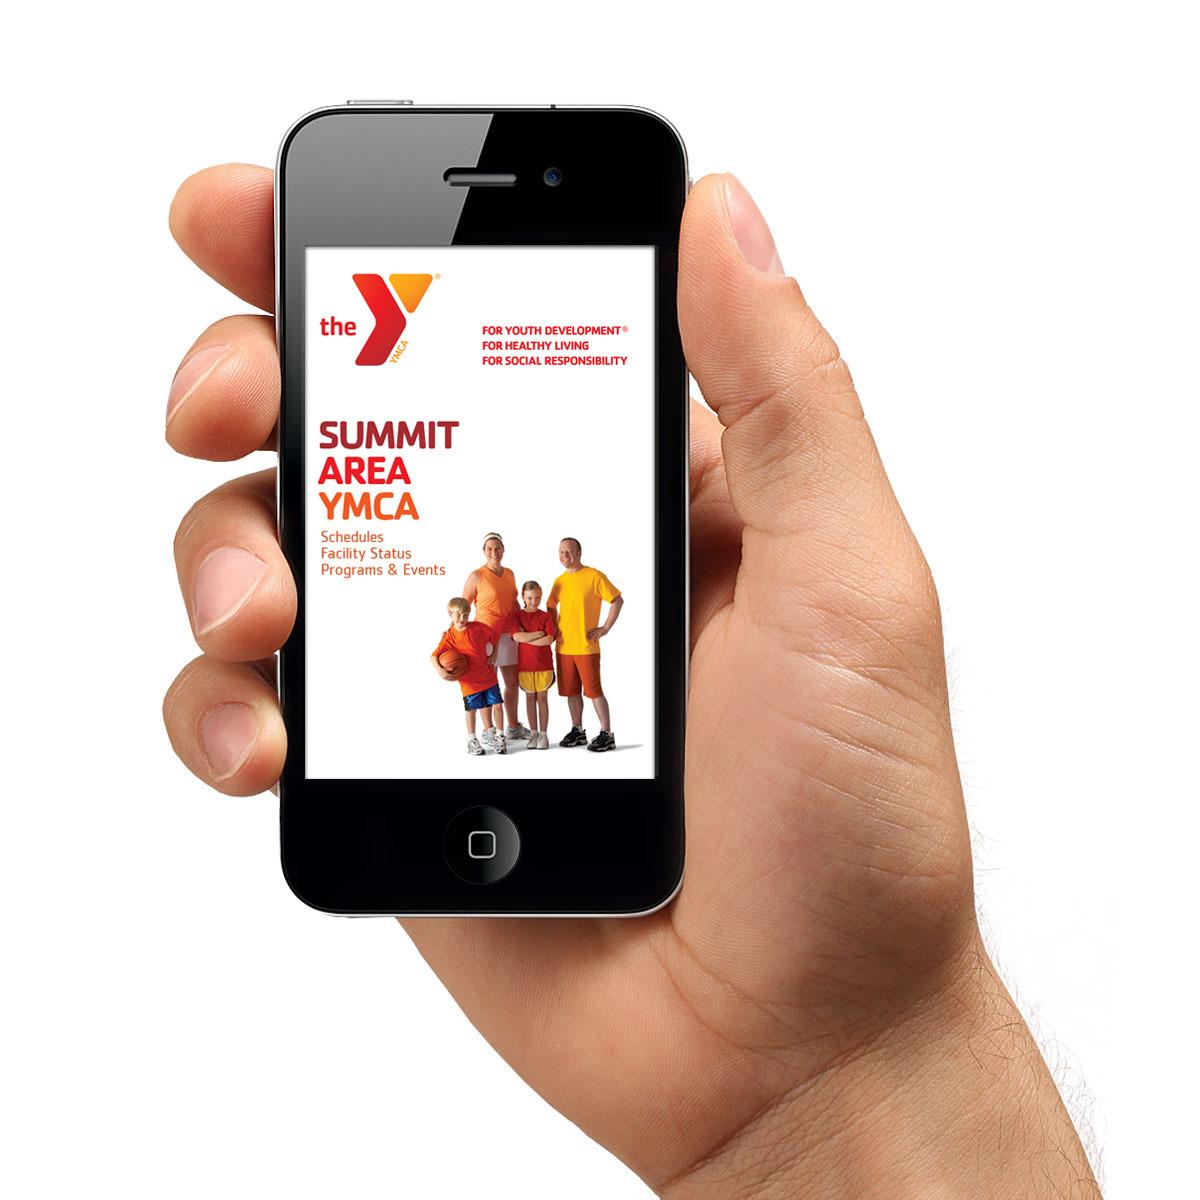 2ec8a2a60d495ddaeb68_Summit_Area_YMCA_App.jpg